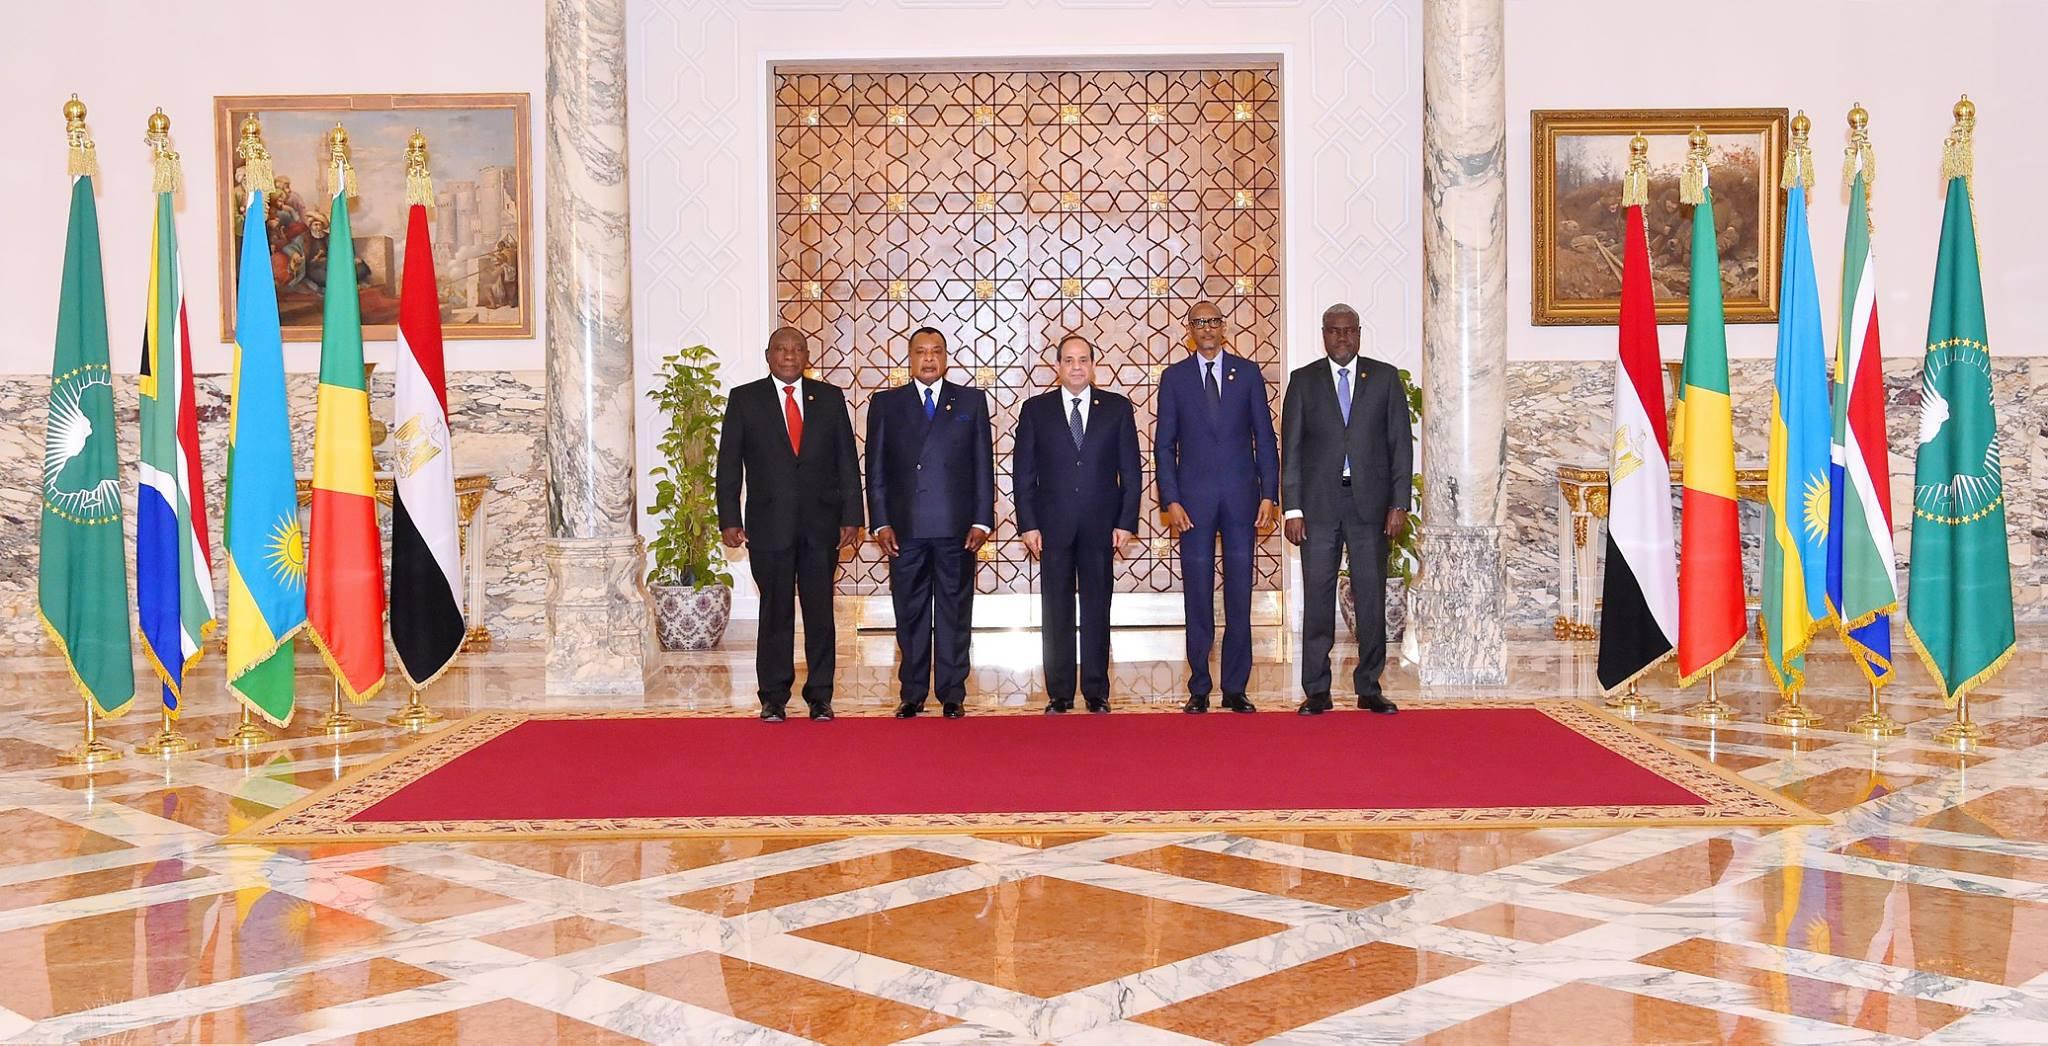 Le Caire: Les chefs d'Etat africains prorogent de 3 mois le délai pour une transition politique au Soudan